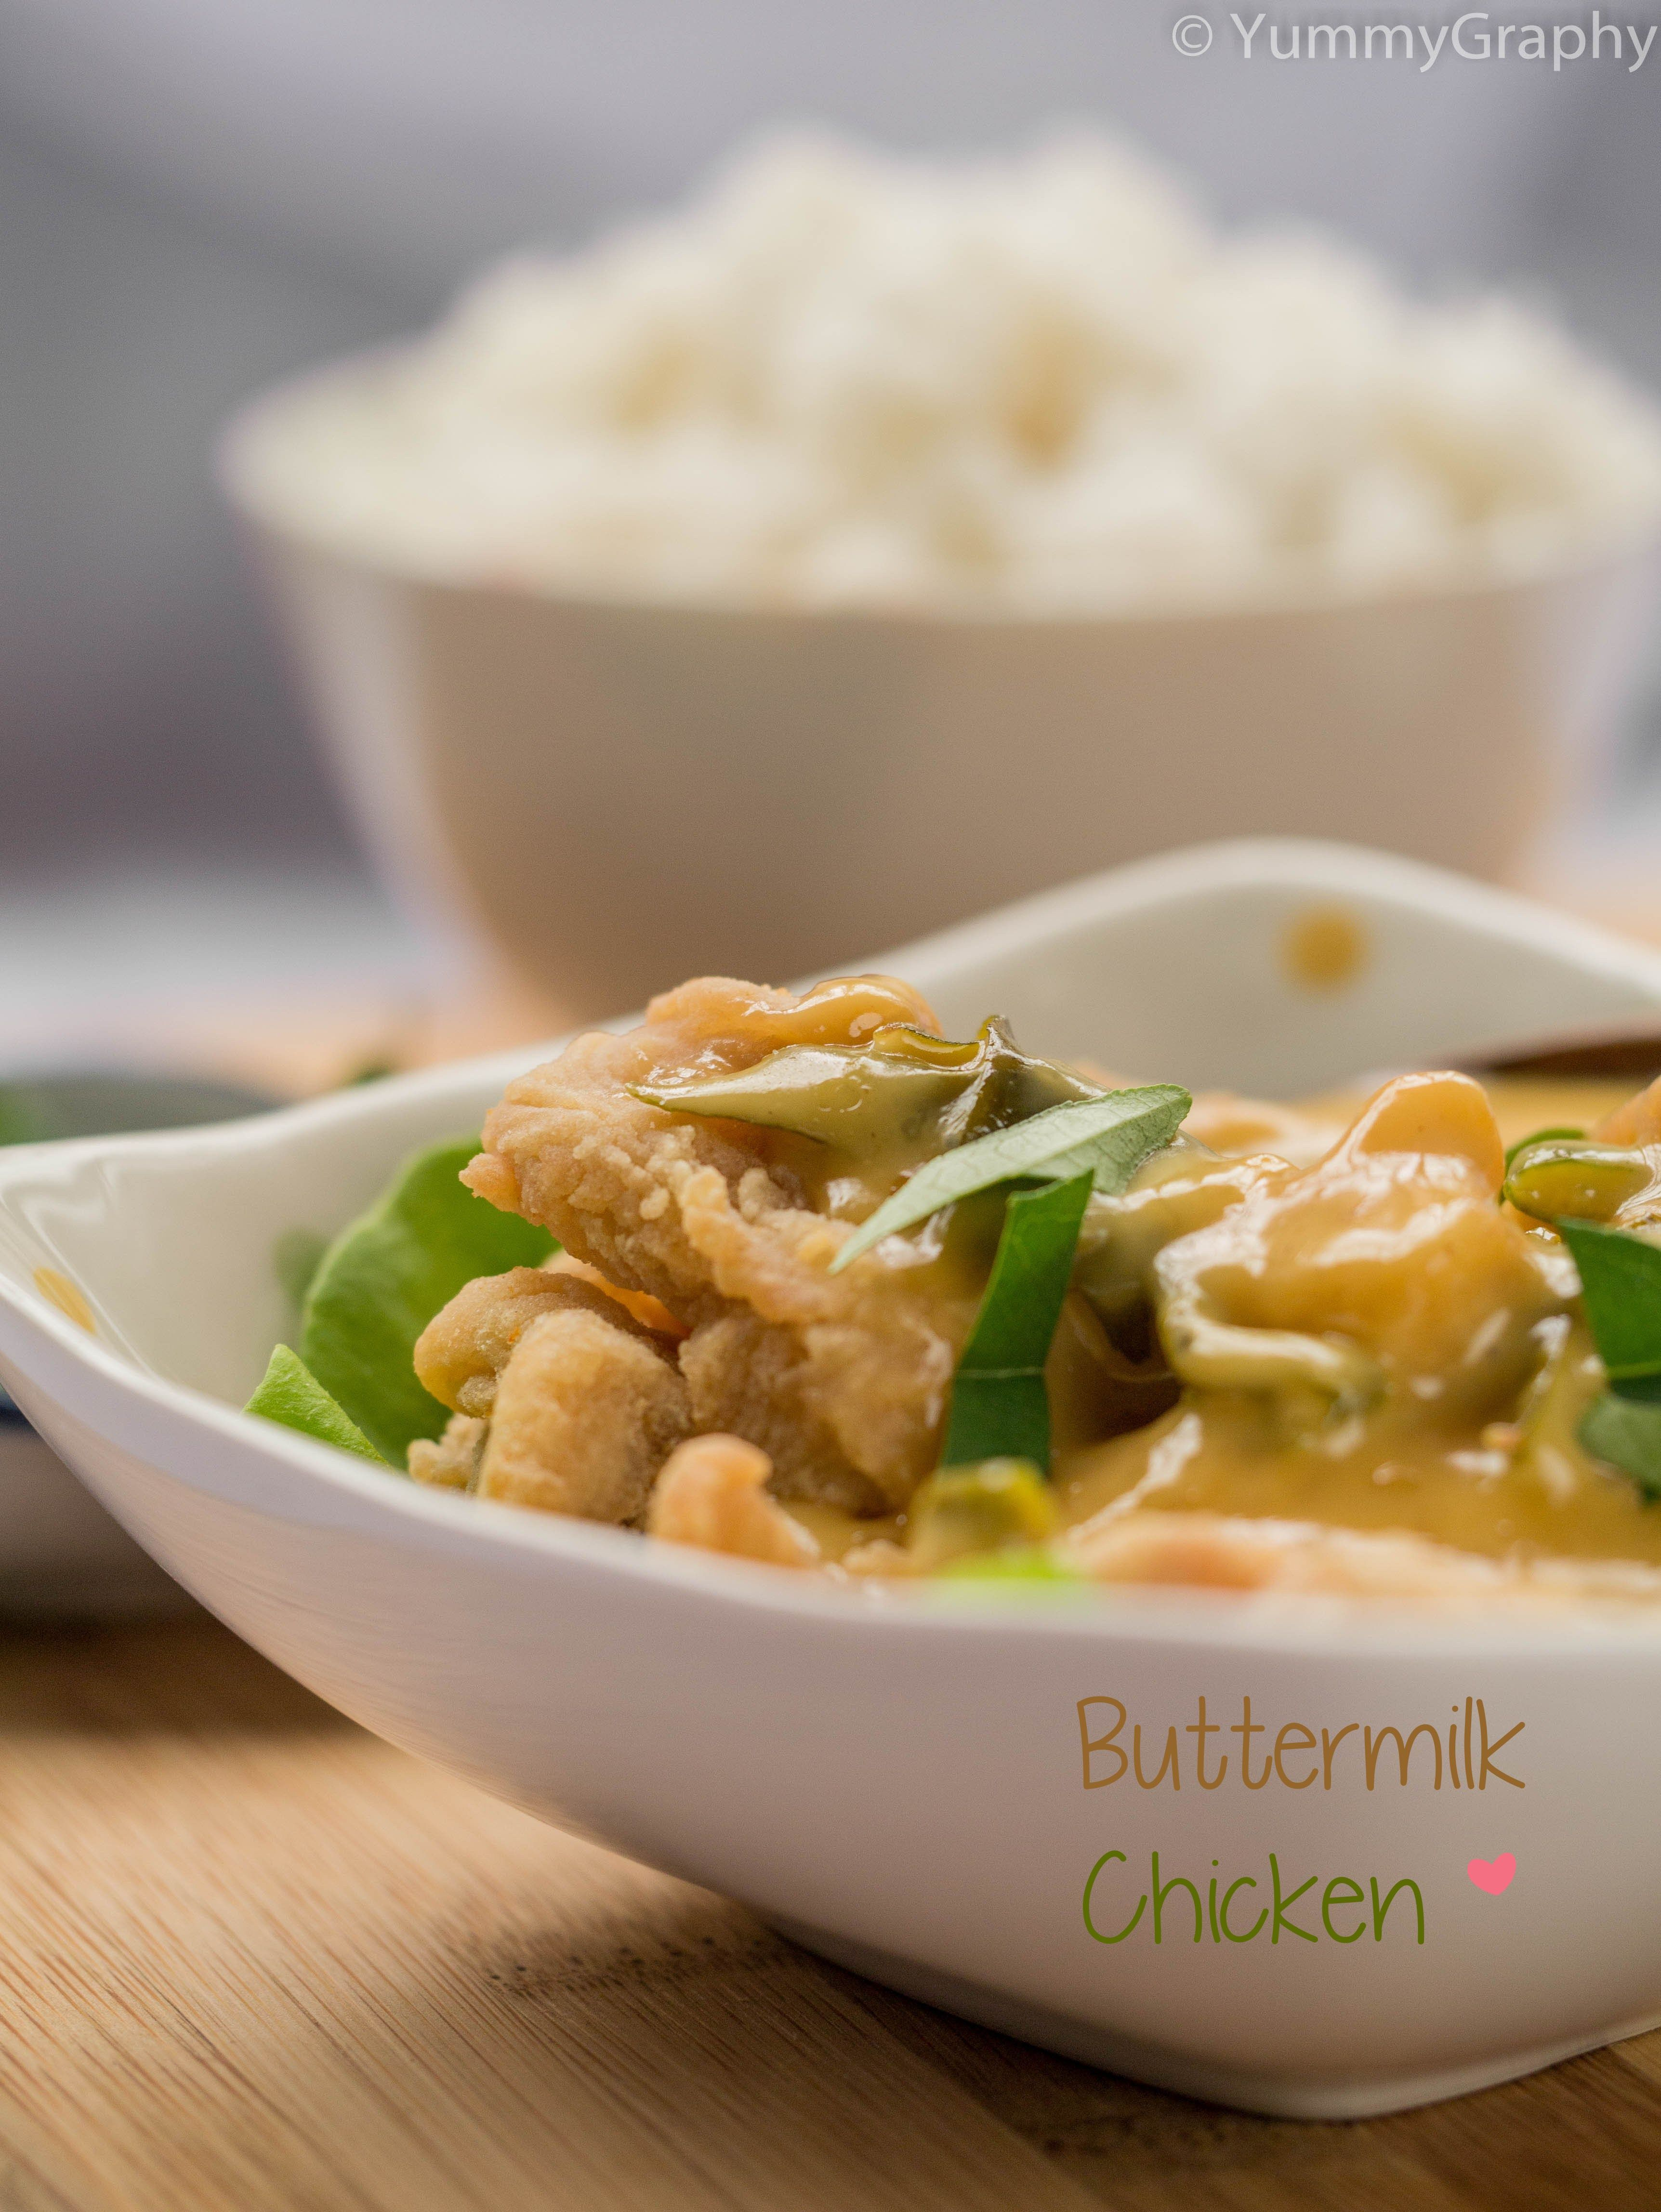 Bruneian Buttermilk Chicken Yummygraphy Buttermilk Chicken Global Cuisine International Recipes